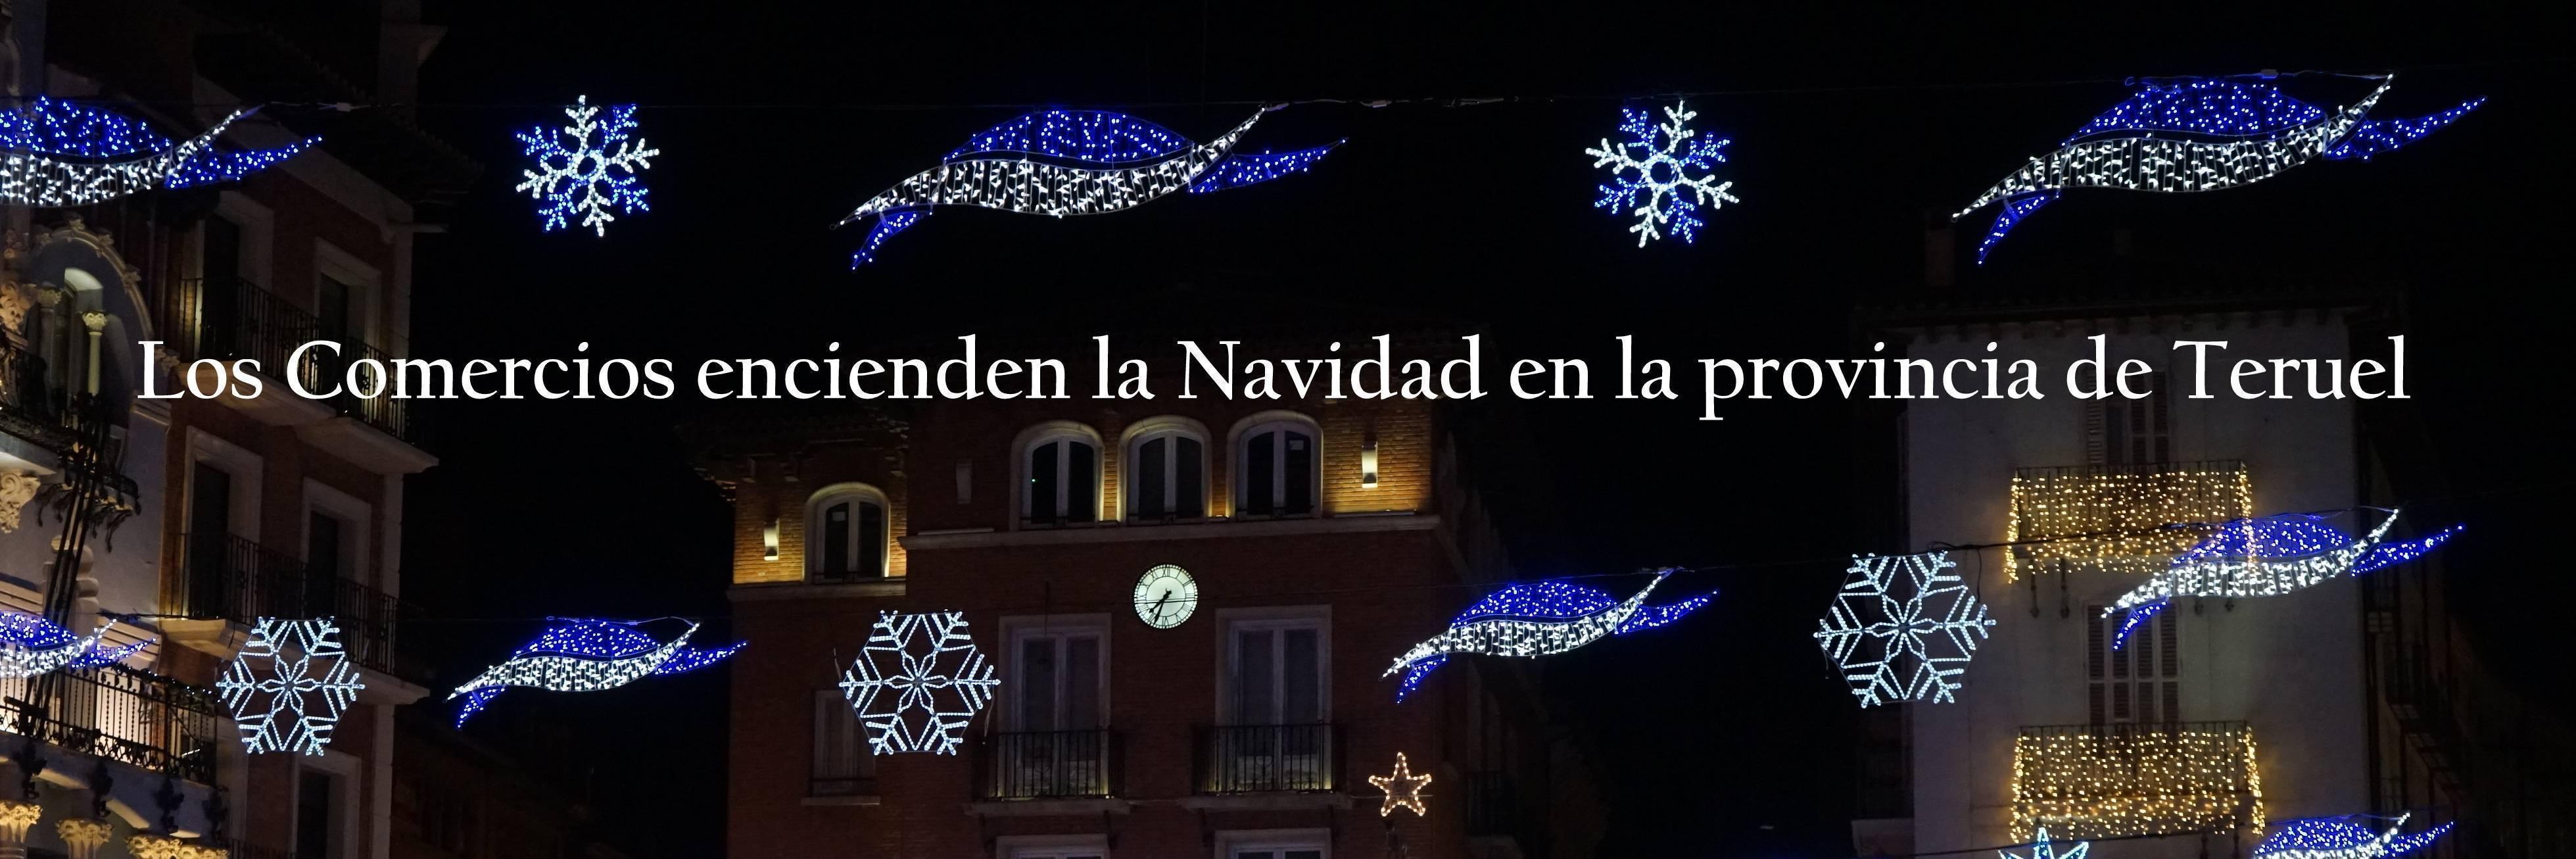 Las Asociaciones de Comercio encienden la Navidad en la provincia de Teruel